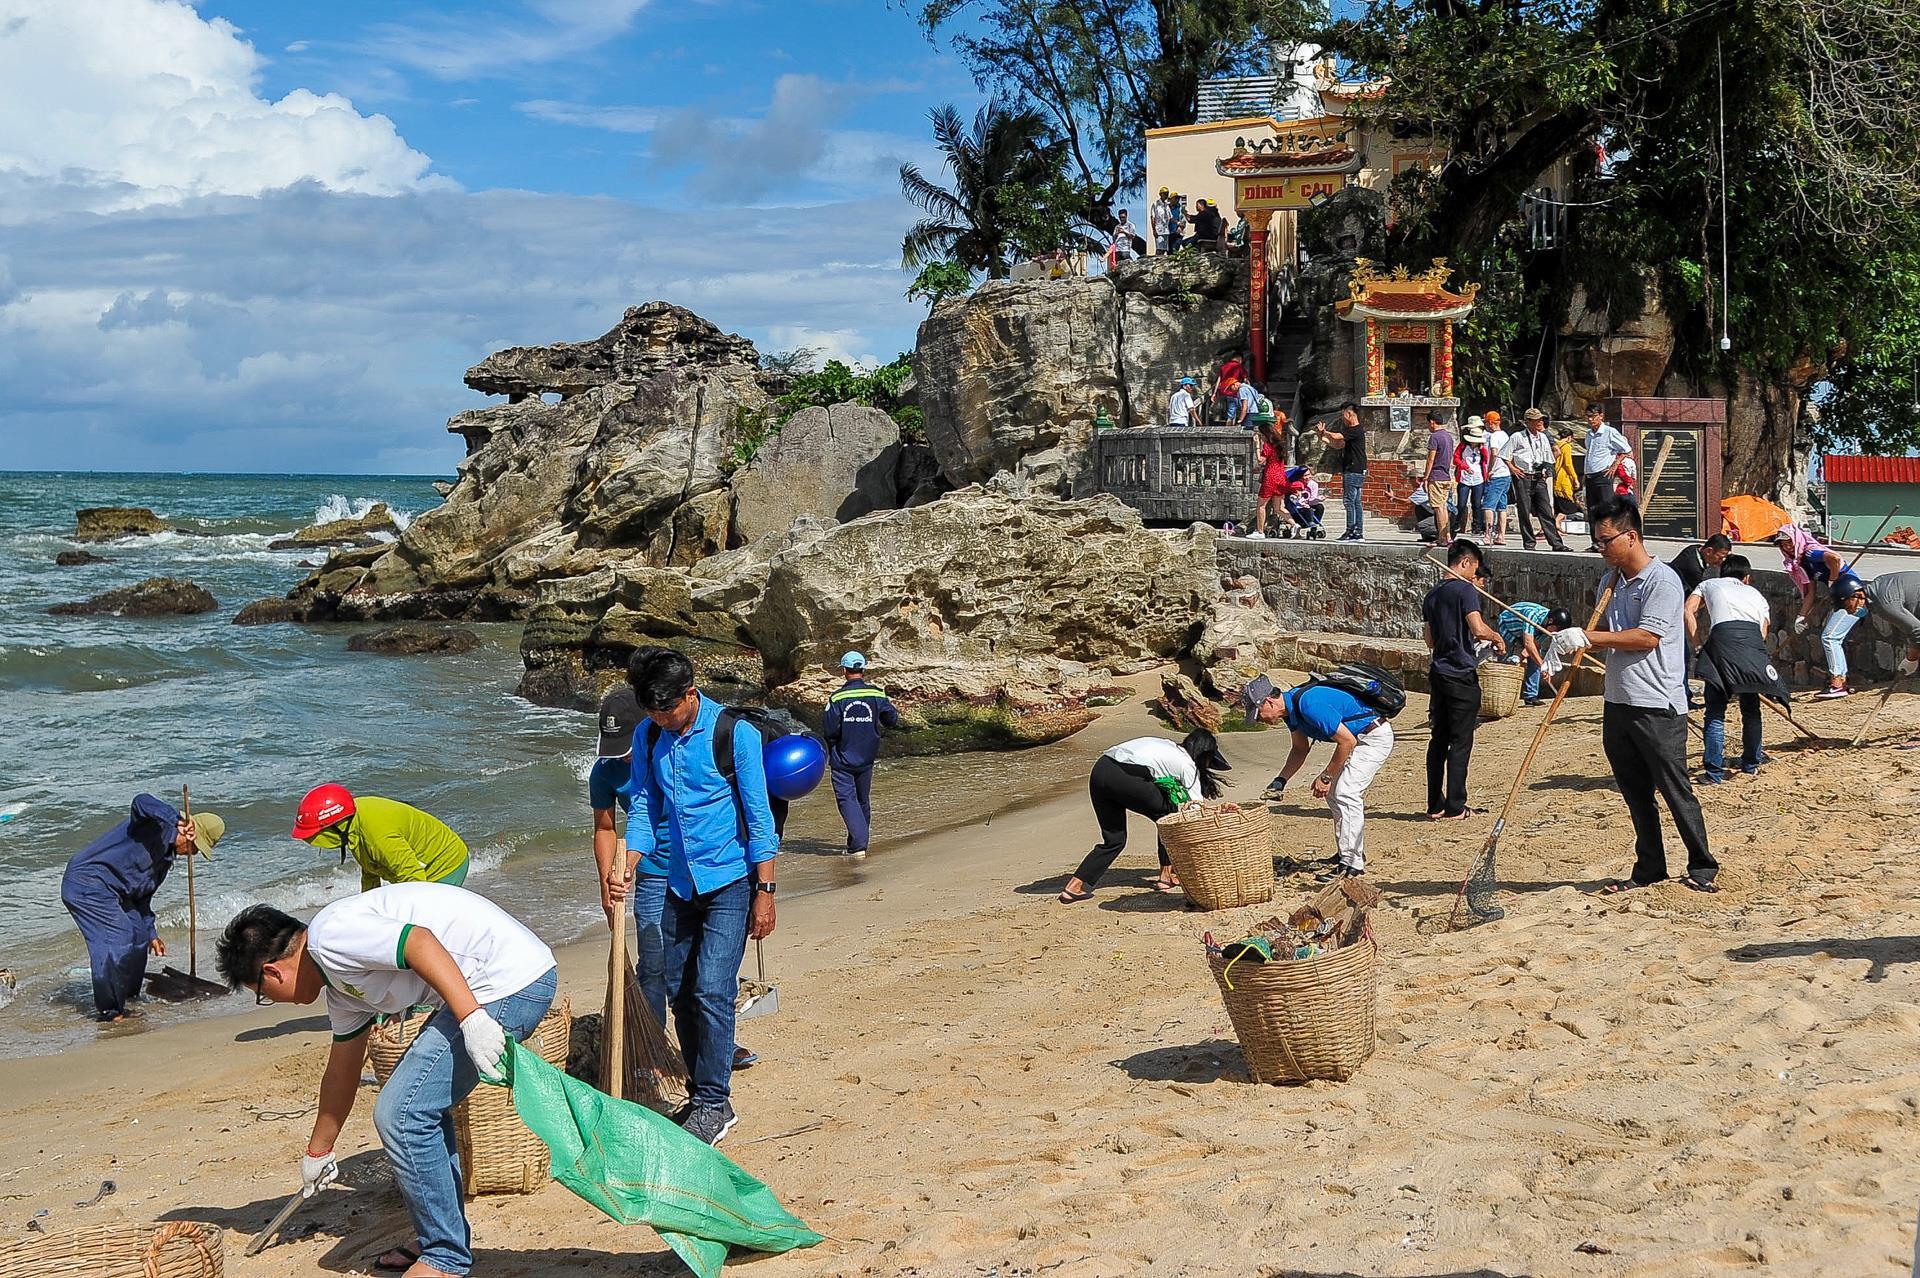 Hàng trăm bạn trẻ dọn rác ở Phú Quốc